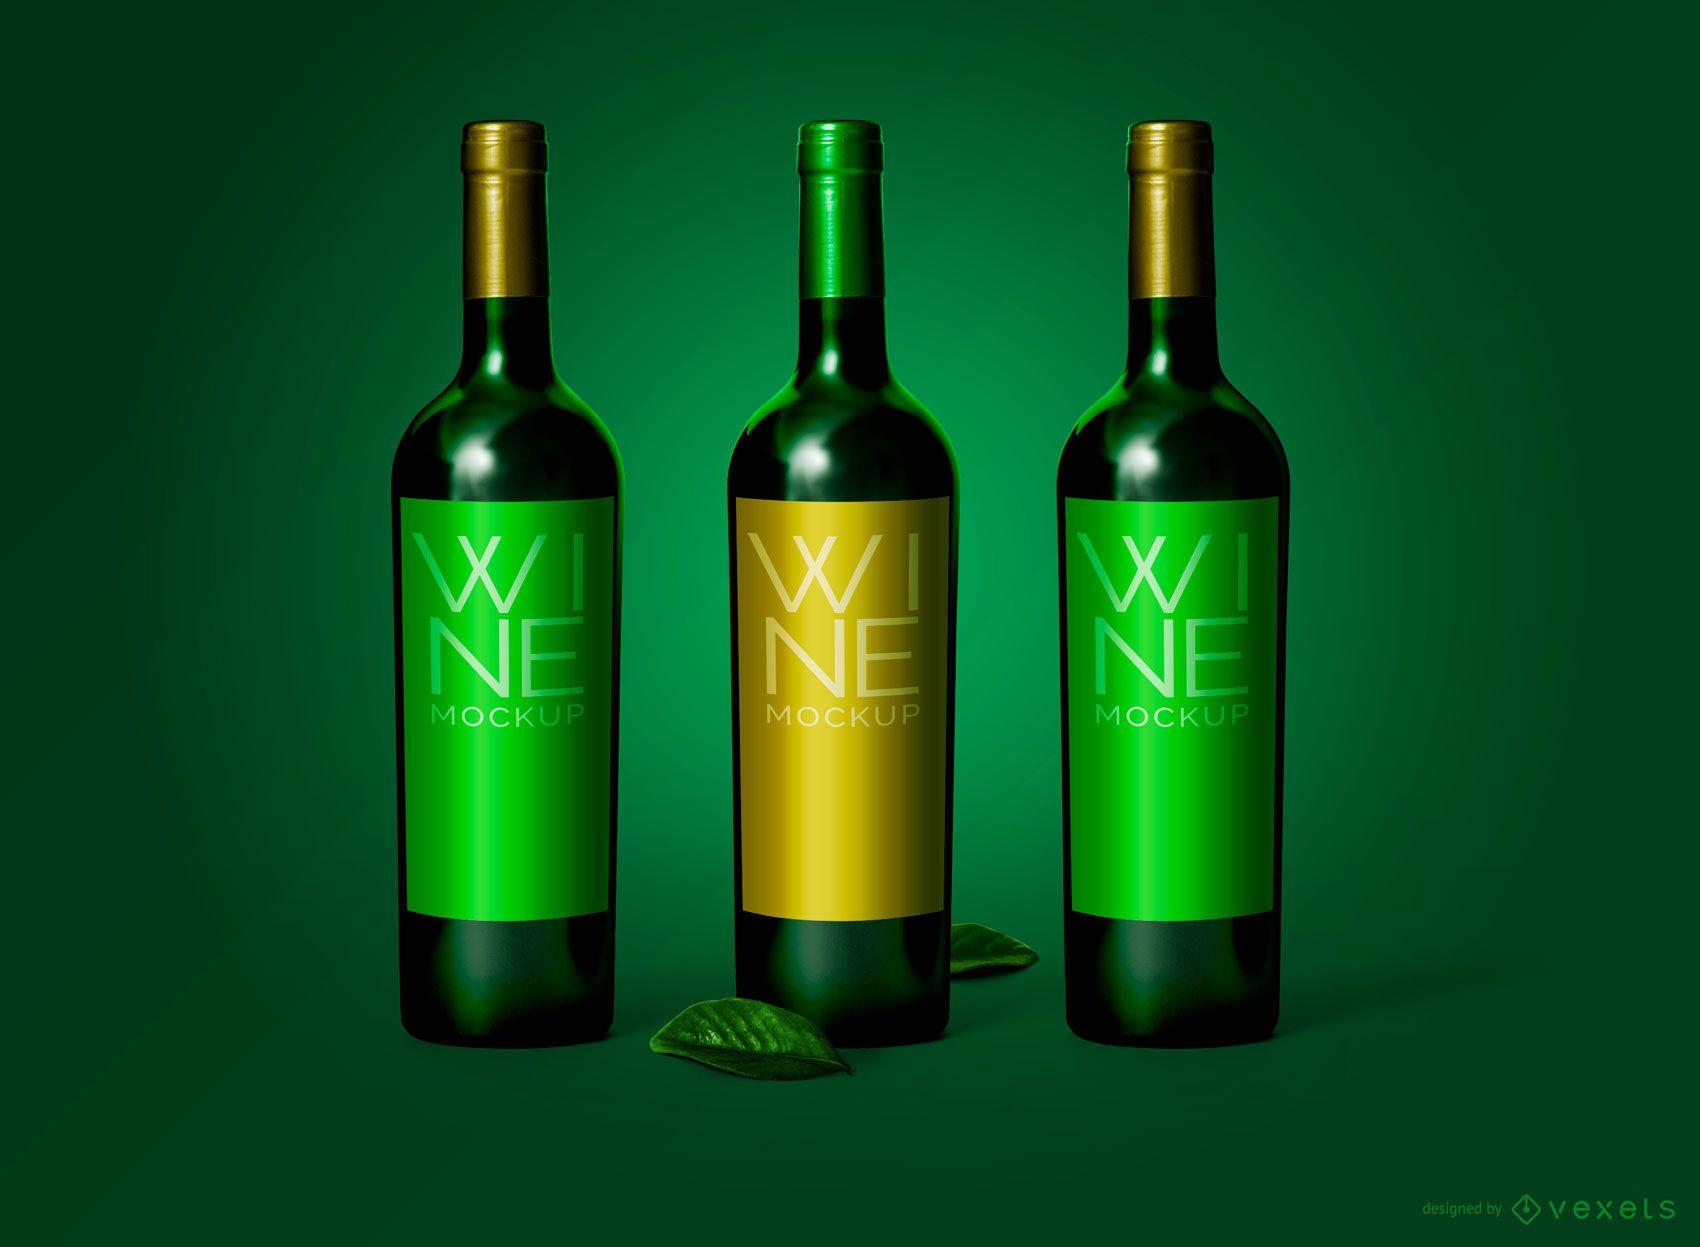 Maqueta de empaque de botella de vino